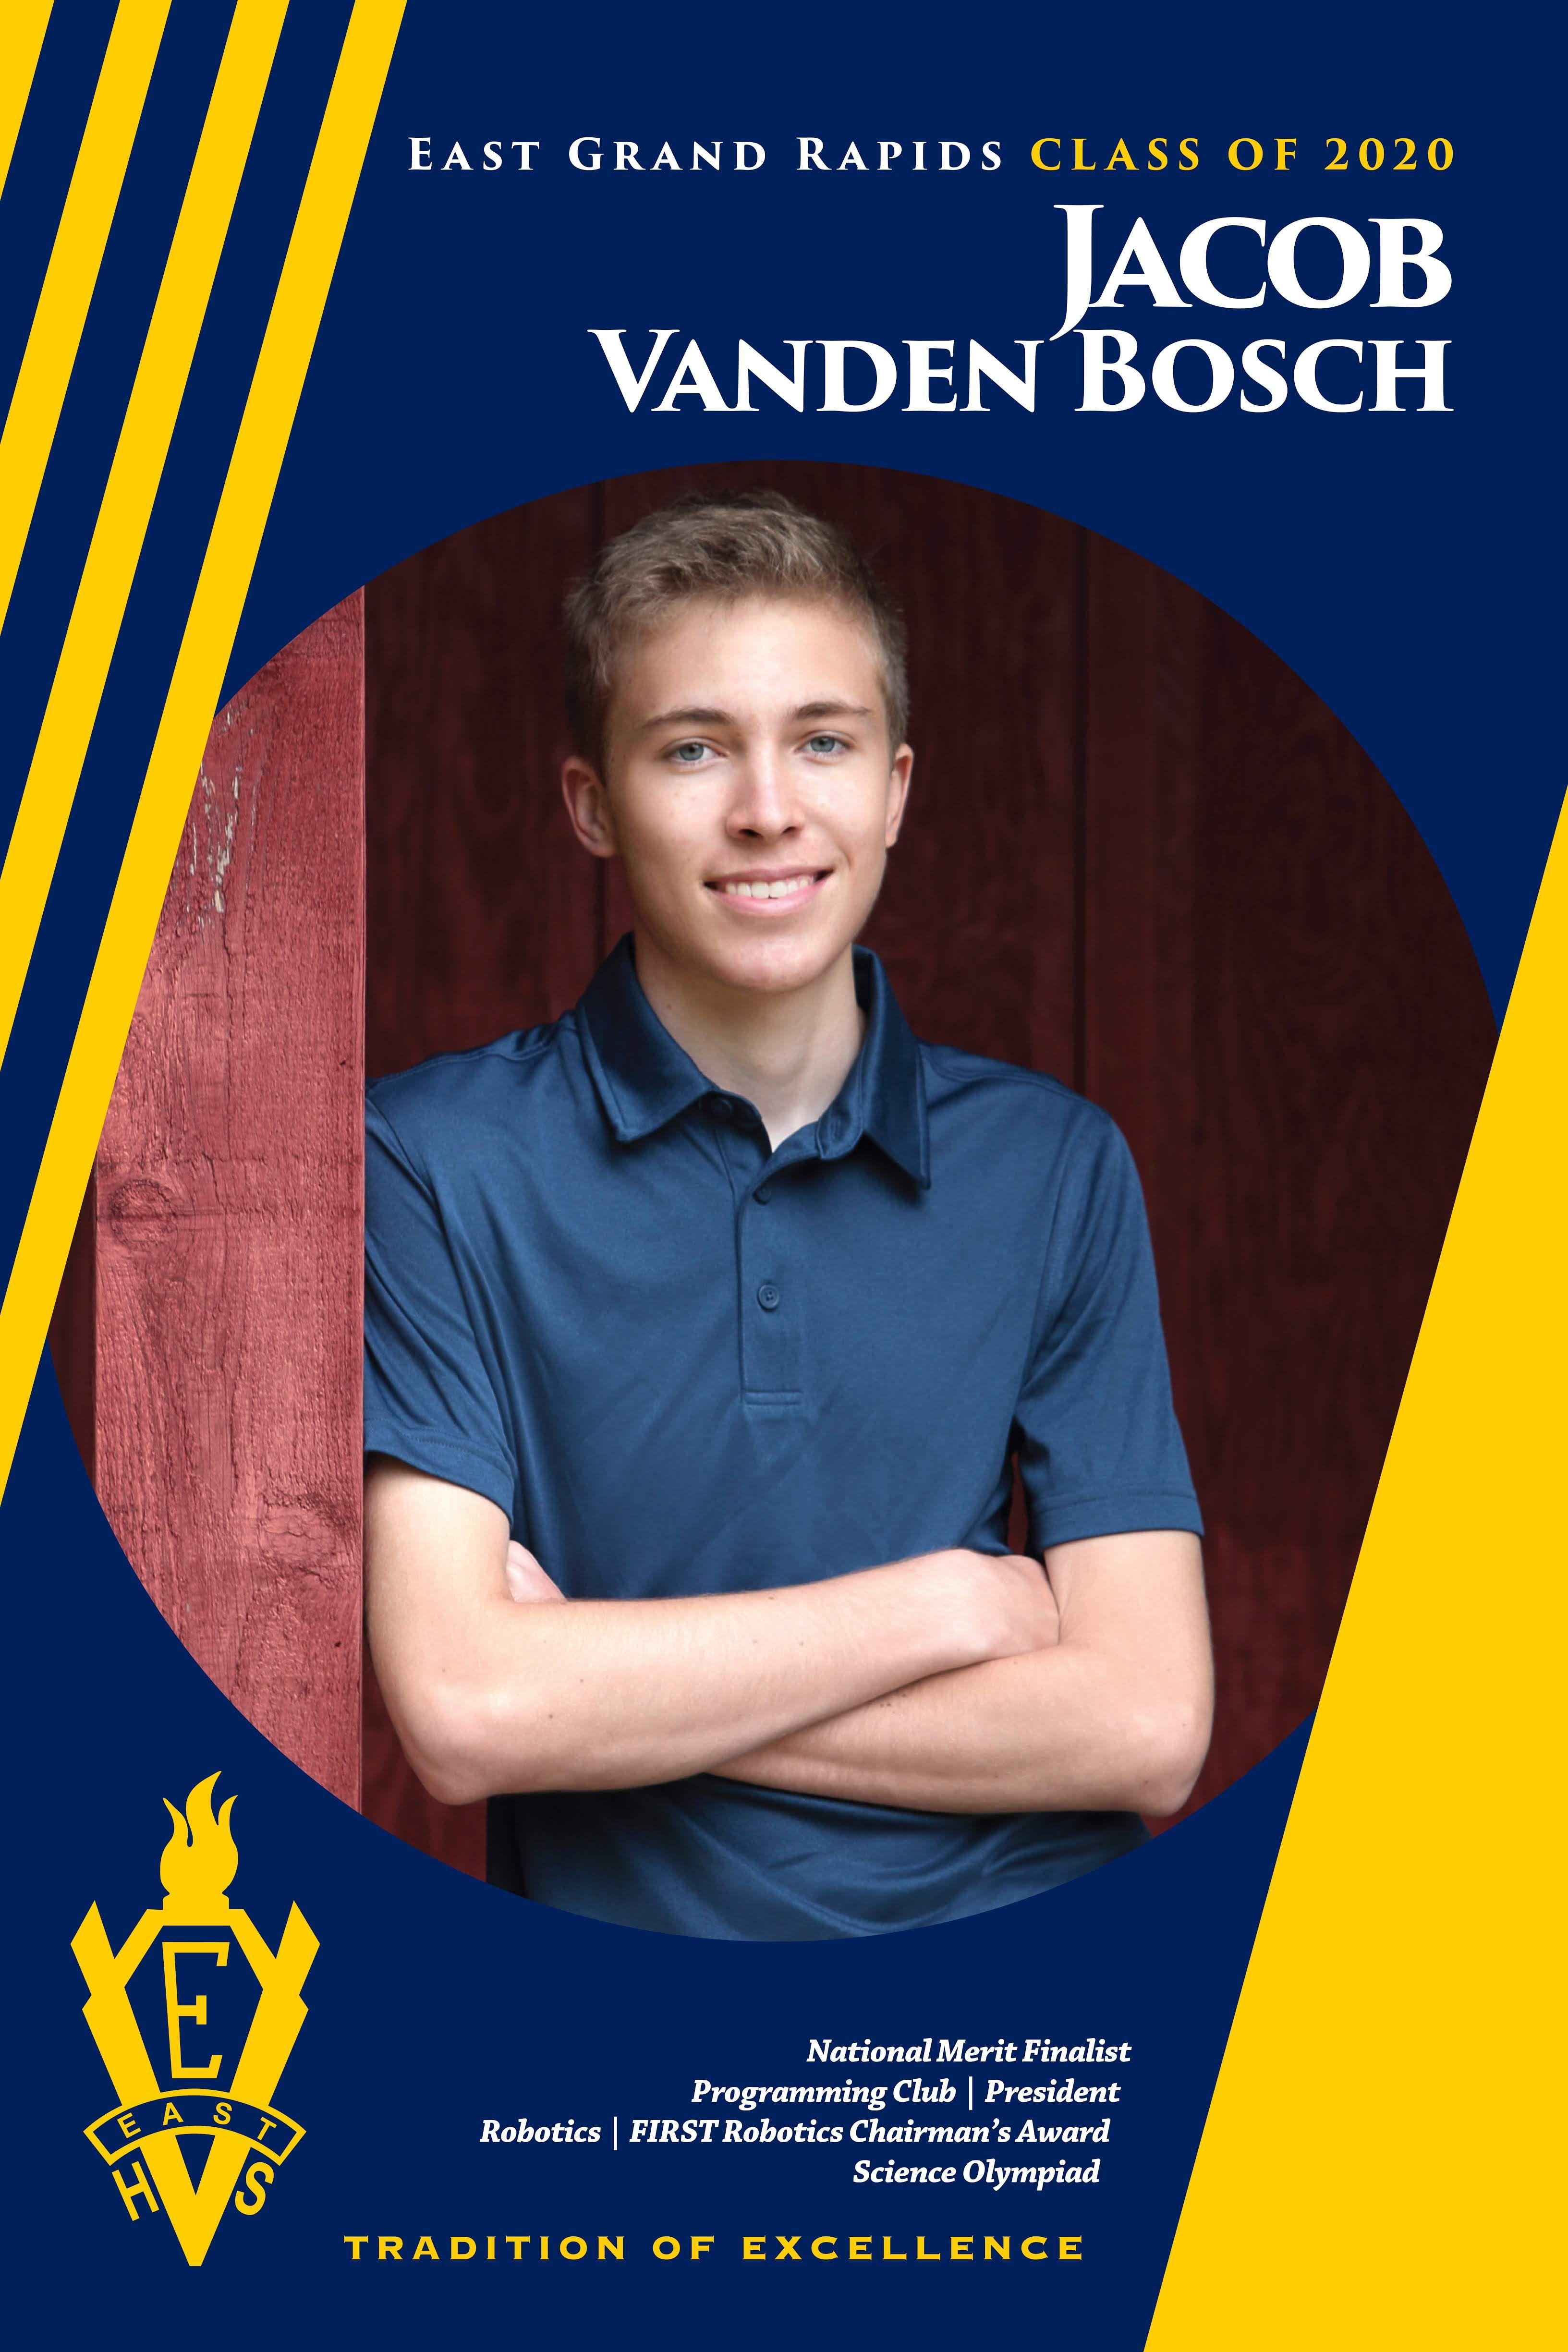 Jacob Vanden Bosch